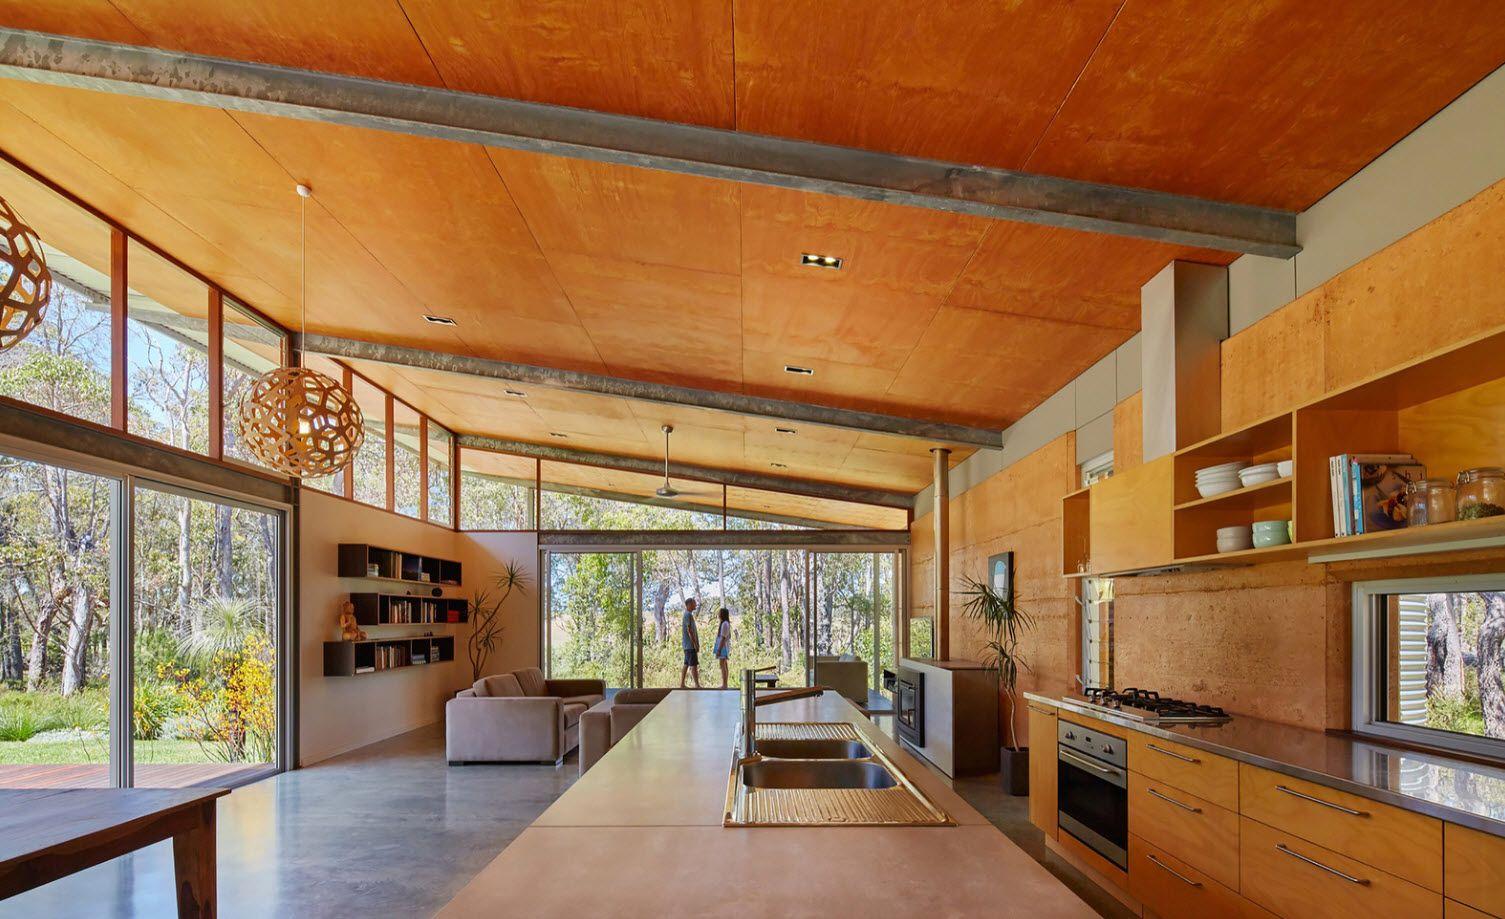 Diseño de casa rural ecológica, preparada para abastecerse